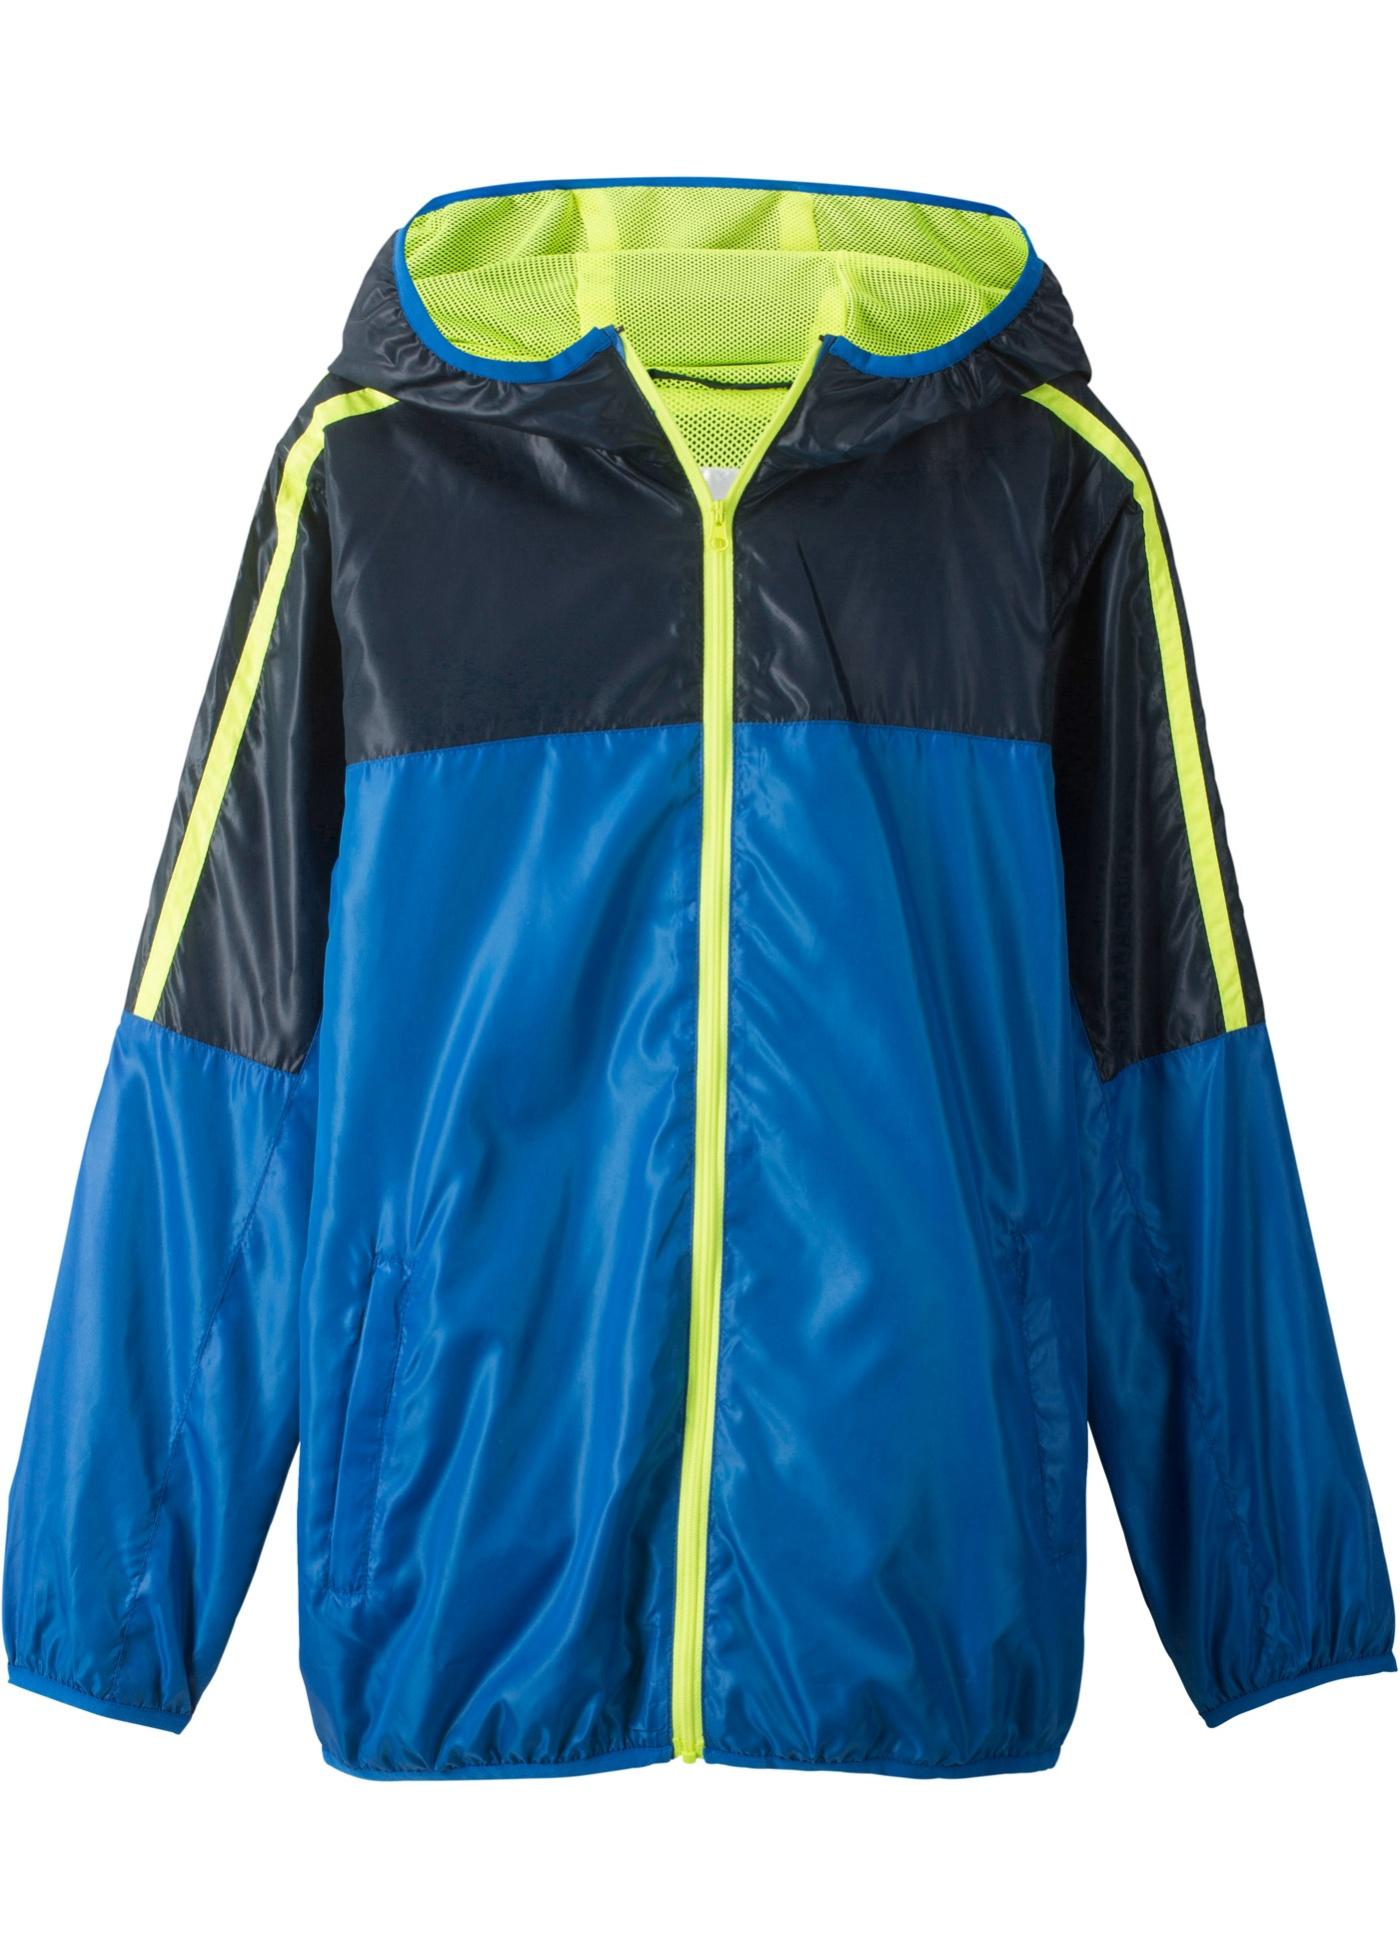 Lehká sportovní bunda s kapucí - Modrá